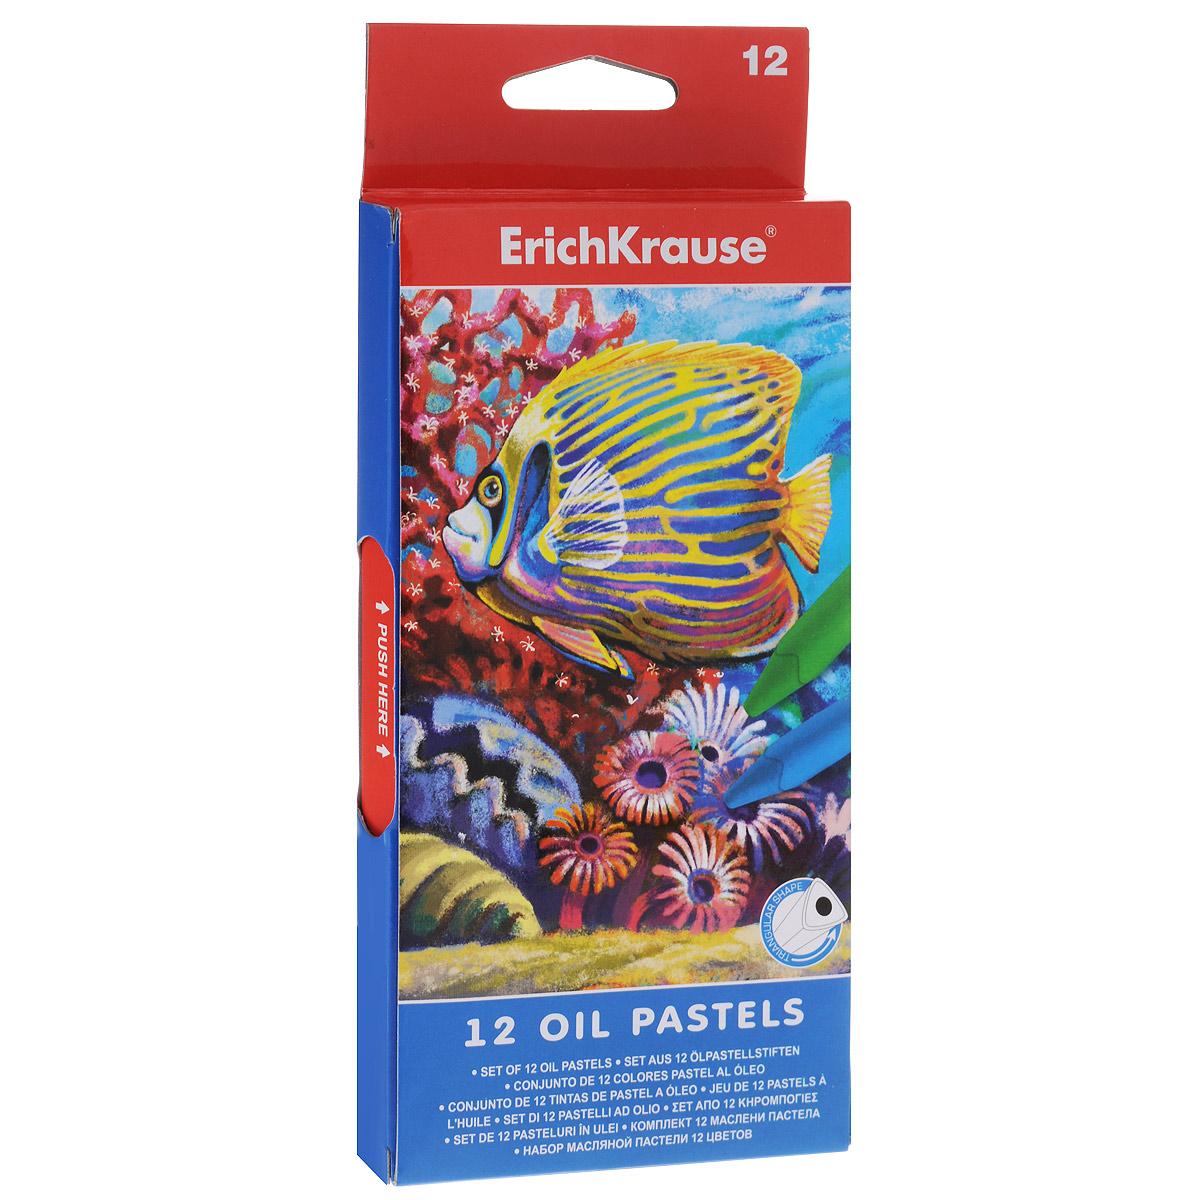 Пастель масляная Erich Krause, 12 штFS-00897Пастель масляная Erich Krause изготавливается с использованием светоустойчивых пигментов. Основа масляной пастели - воск и минеральные масла. В наборе - 12 разных цветов.Удобный эргономичный корпус позволяет рисовать в разных техниках. Пастель легко смешивается и растушевывается подушечками пальцев. Каждый мелок в индивидуальной бумажной обертке.Комплектация: 12 шт.